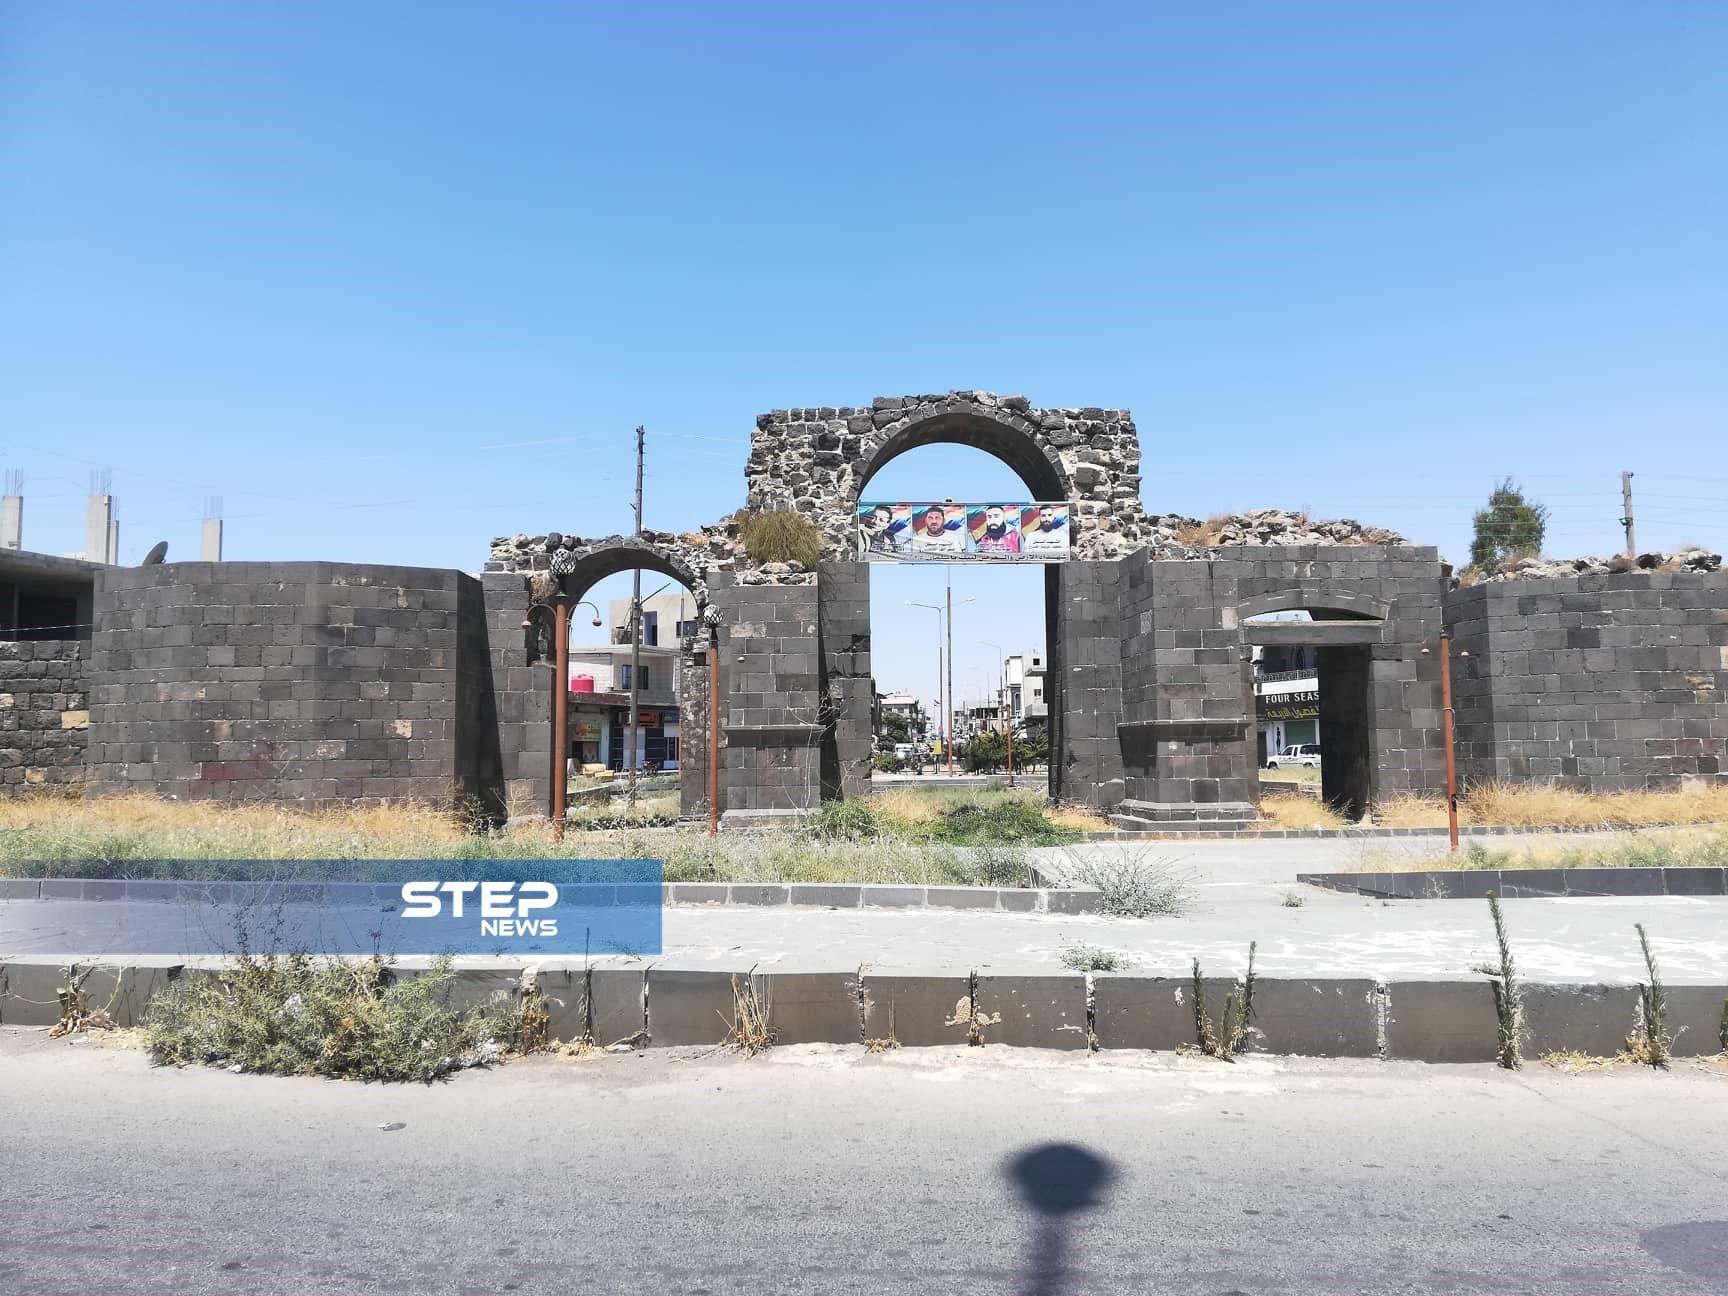 عدسة ستيب نيوز ترصد مدينة شهبا الأثرية في محافظة السويداء